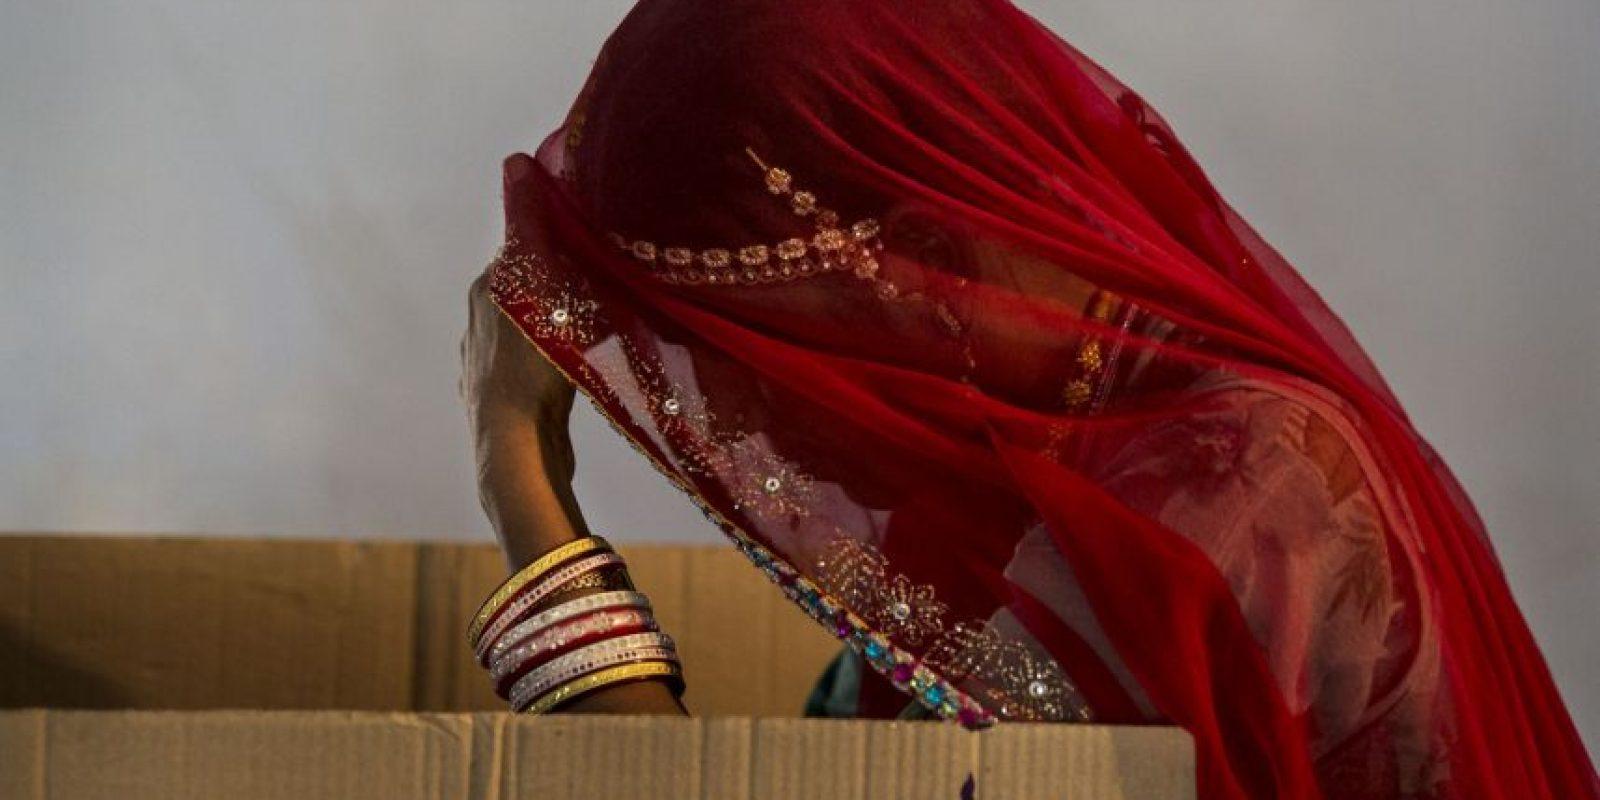 Una mujer que fue abusada sexualmente tendrá que realizarse un ritual purificador para ser de nuevo aceptada. Foto:Getty Images